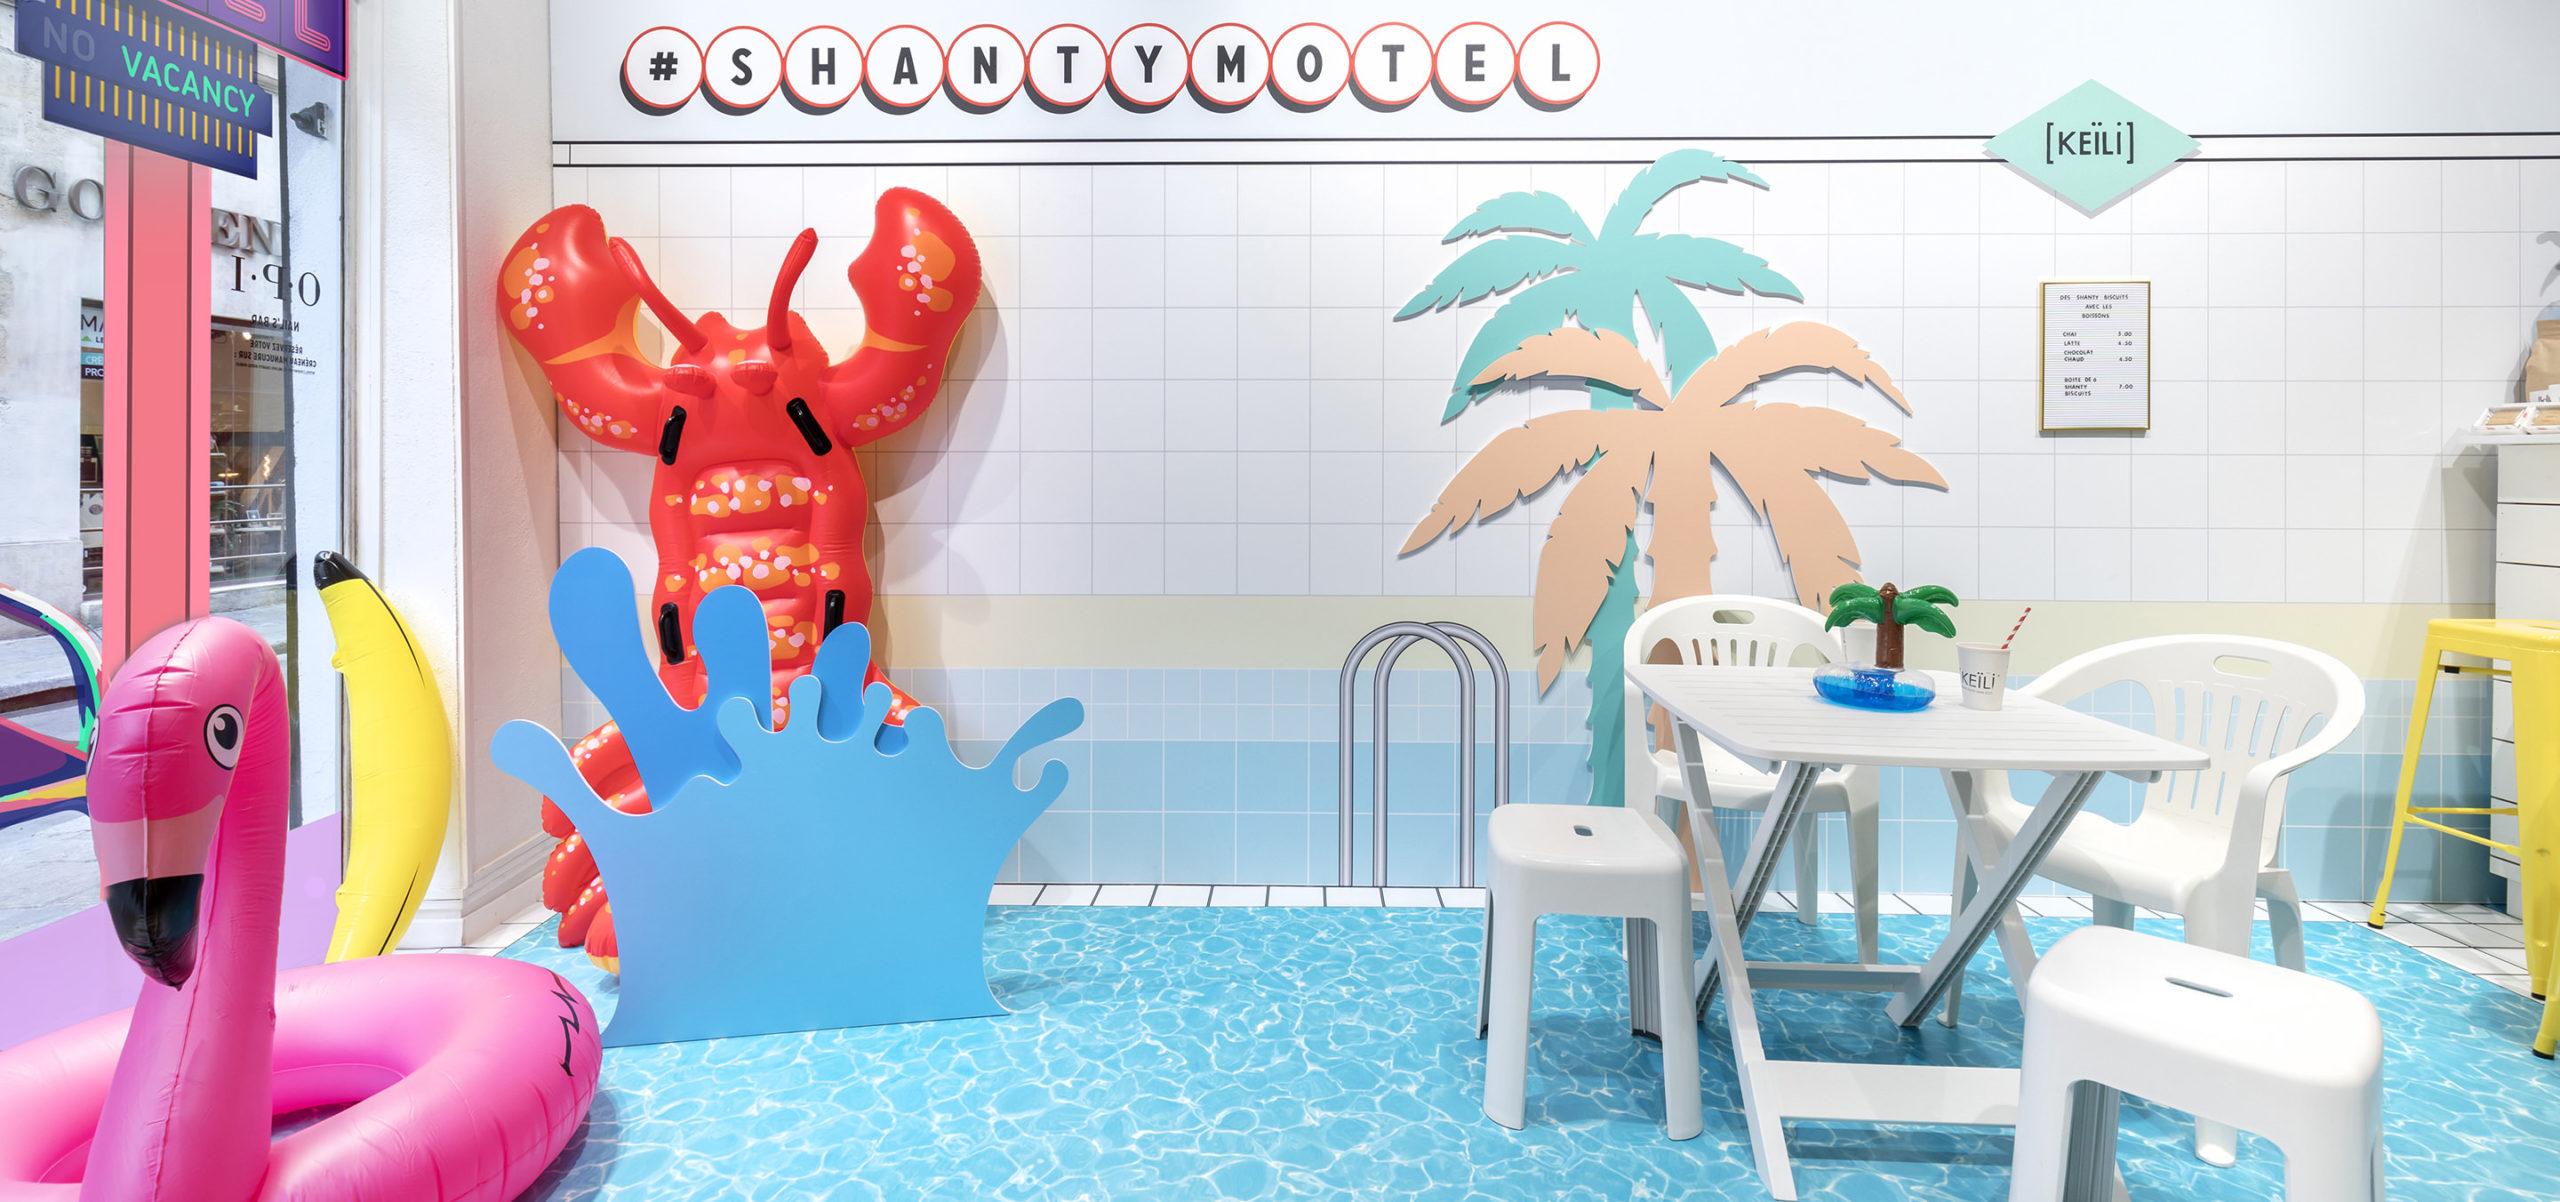 Label Experience: Espace intérieur ambiance piscine d'un camping du pop-up « Shanty Biscuits » à Paris.